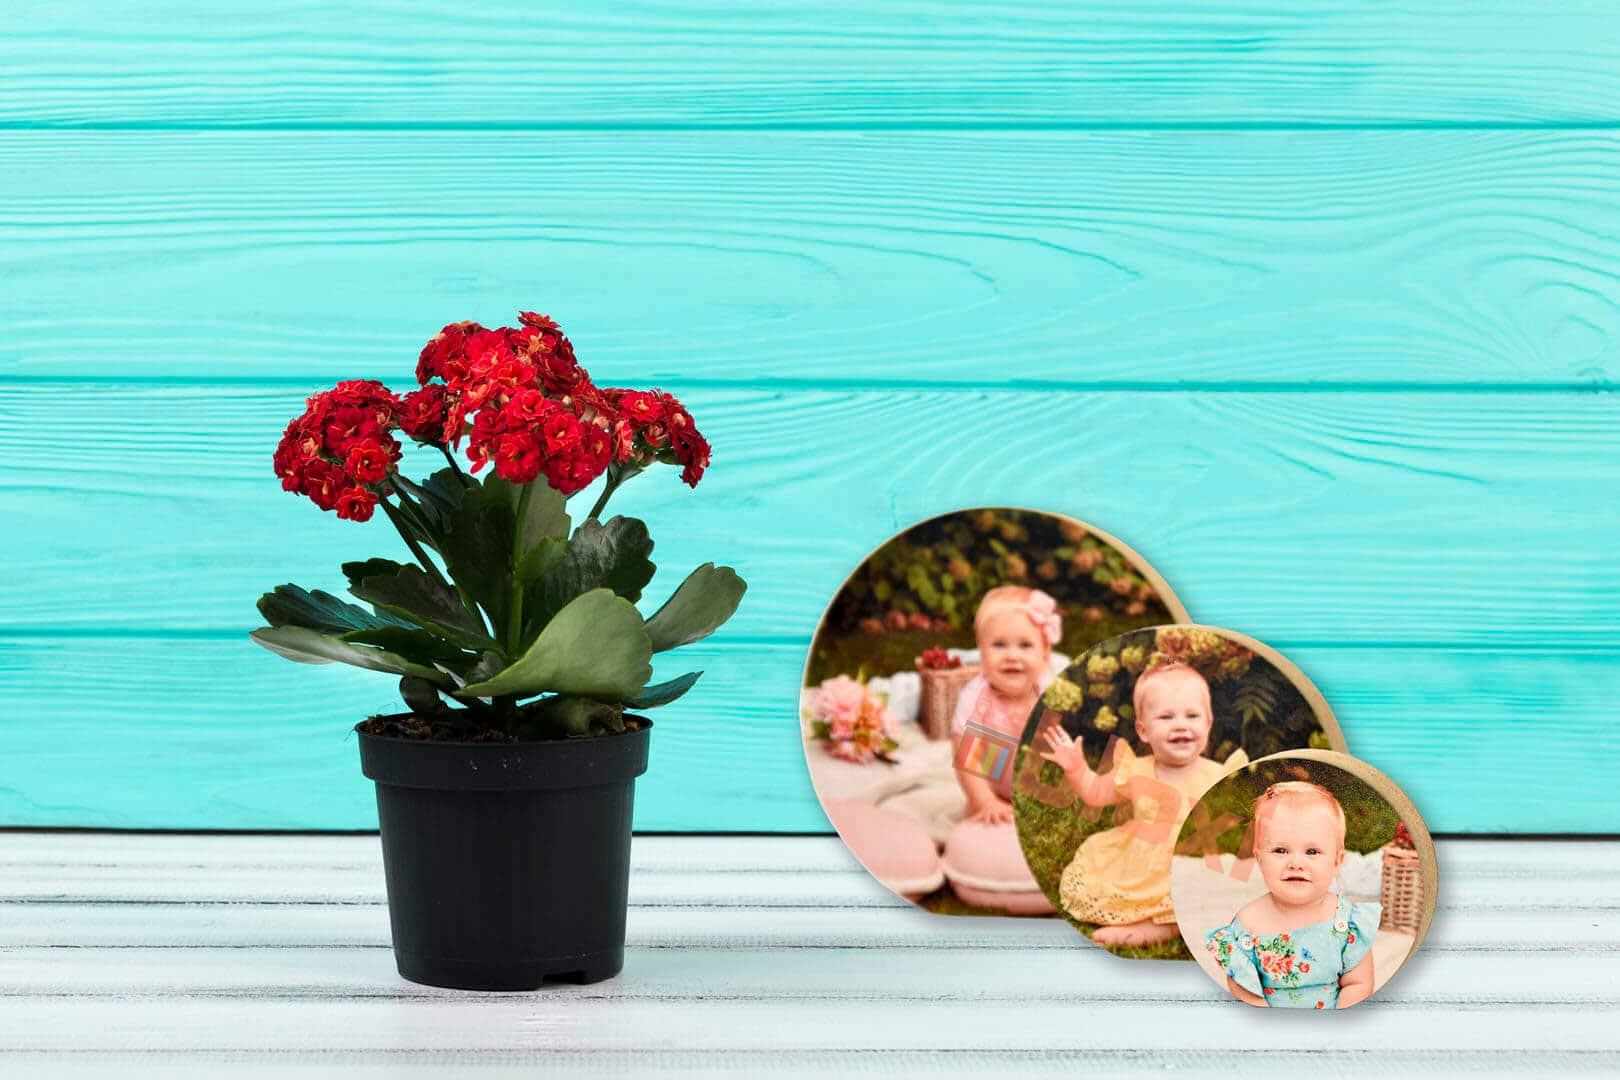 מתנה לאמא ליום הולדת הדפסה על בלוק בלוקסי